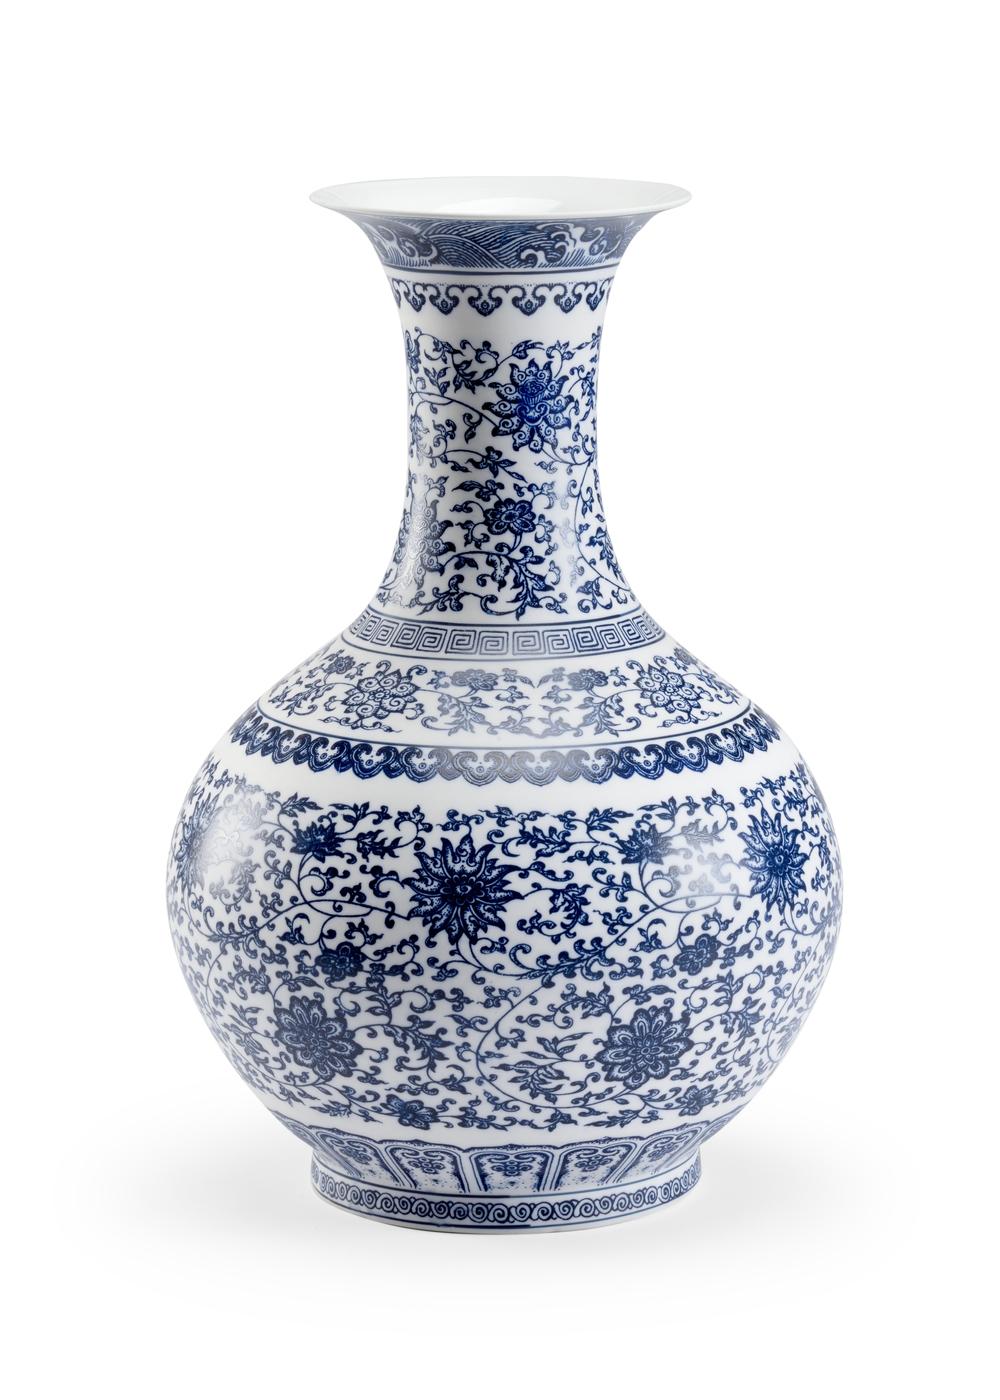 Chelsea House - Taisho Vase